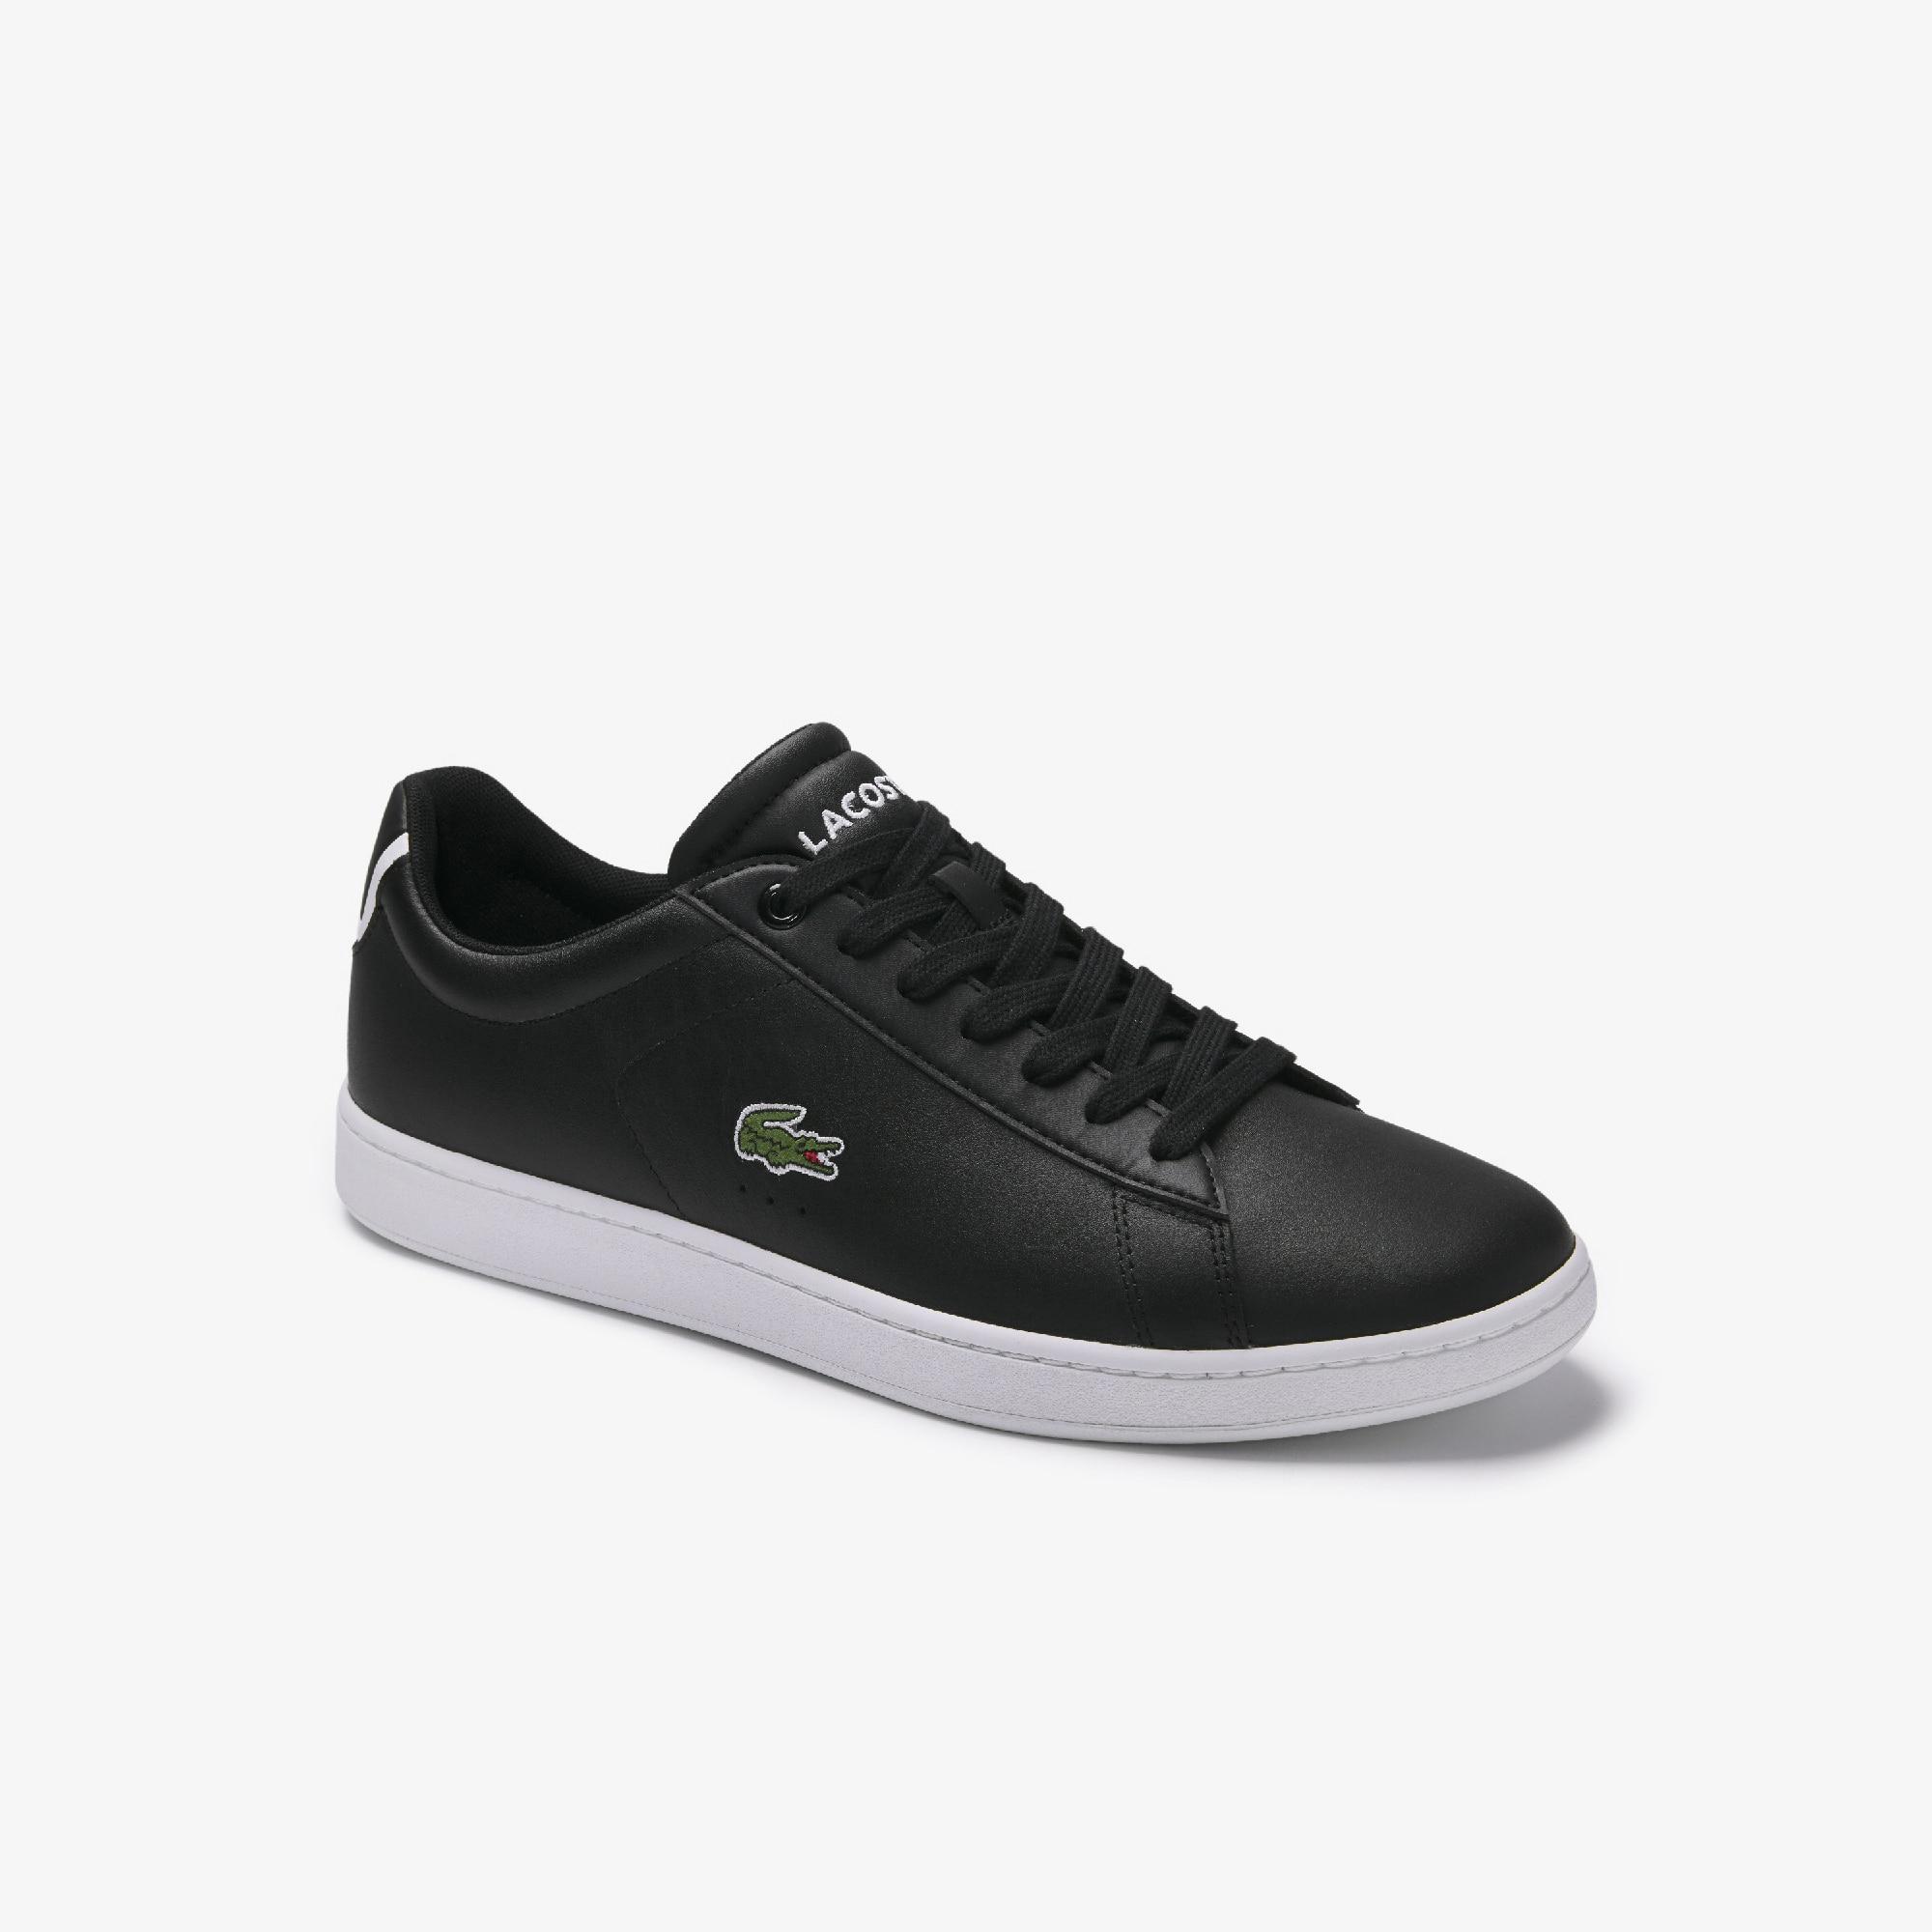 Carnaby Evo Herensneakers Van Leer by Lacoste